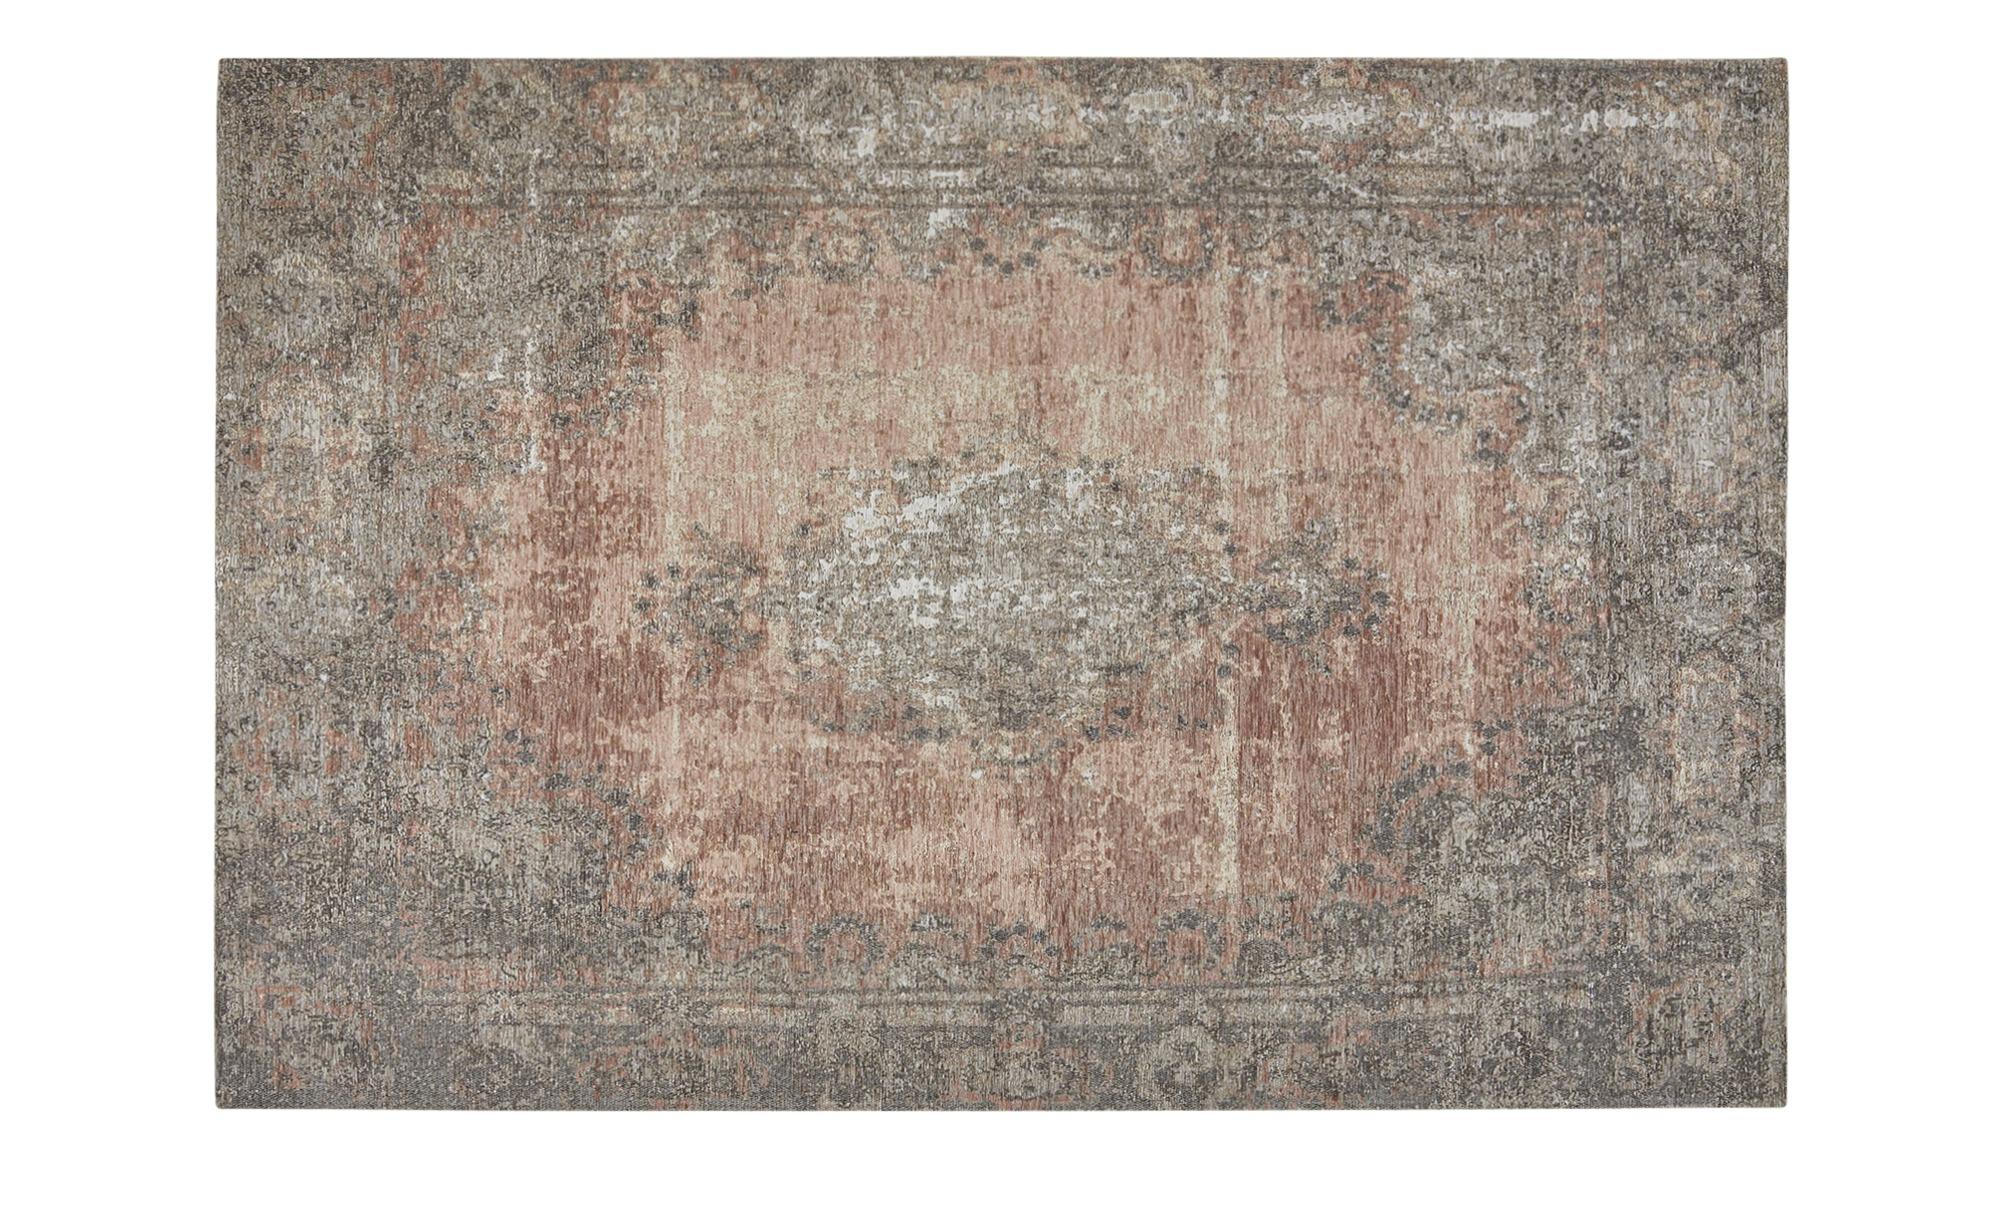 Webteppich  Romance 1200 ¦ rosa/pink ¦ 34% Baumwolle, 33% Polyester, 33% Chenille Acryl ¦ Maße (cm): B: 80 Teppiche > Wohnteppiche - Höffner